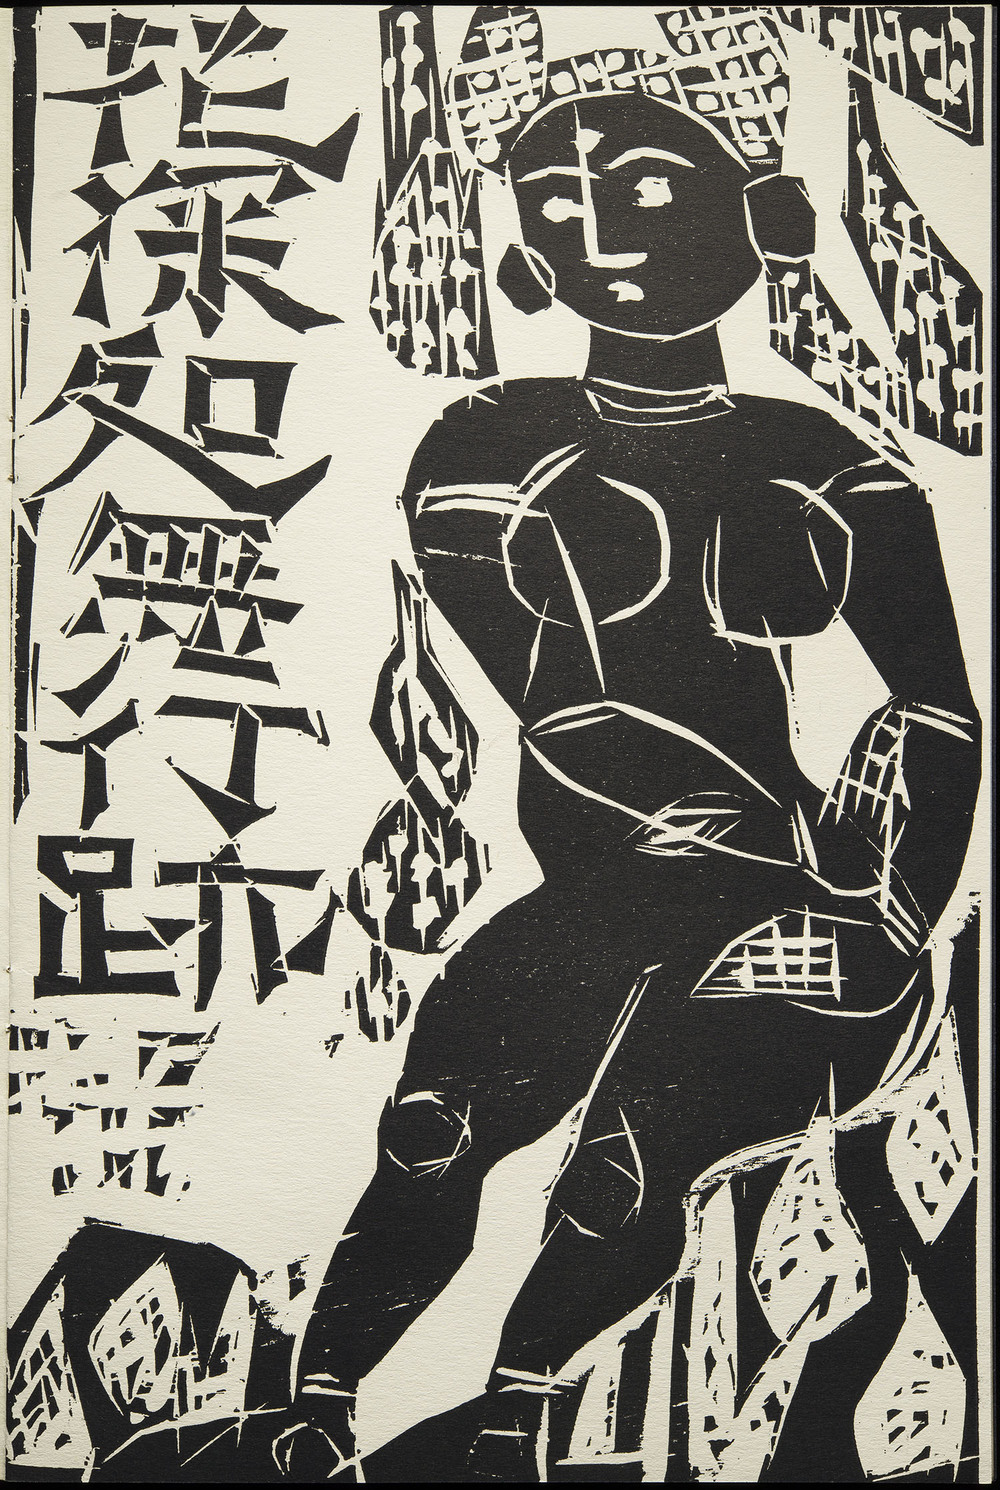 Munakata,  The Way of the Woodcut , Pratt Adlib Press, Brooklyn, 1961, 20.2 x 30.1 cm